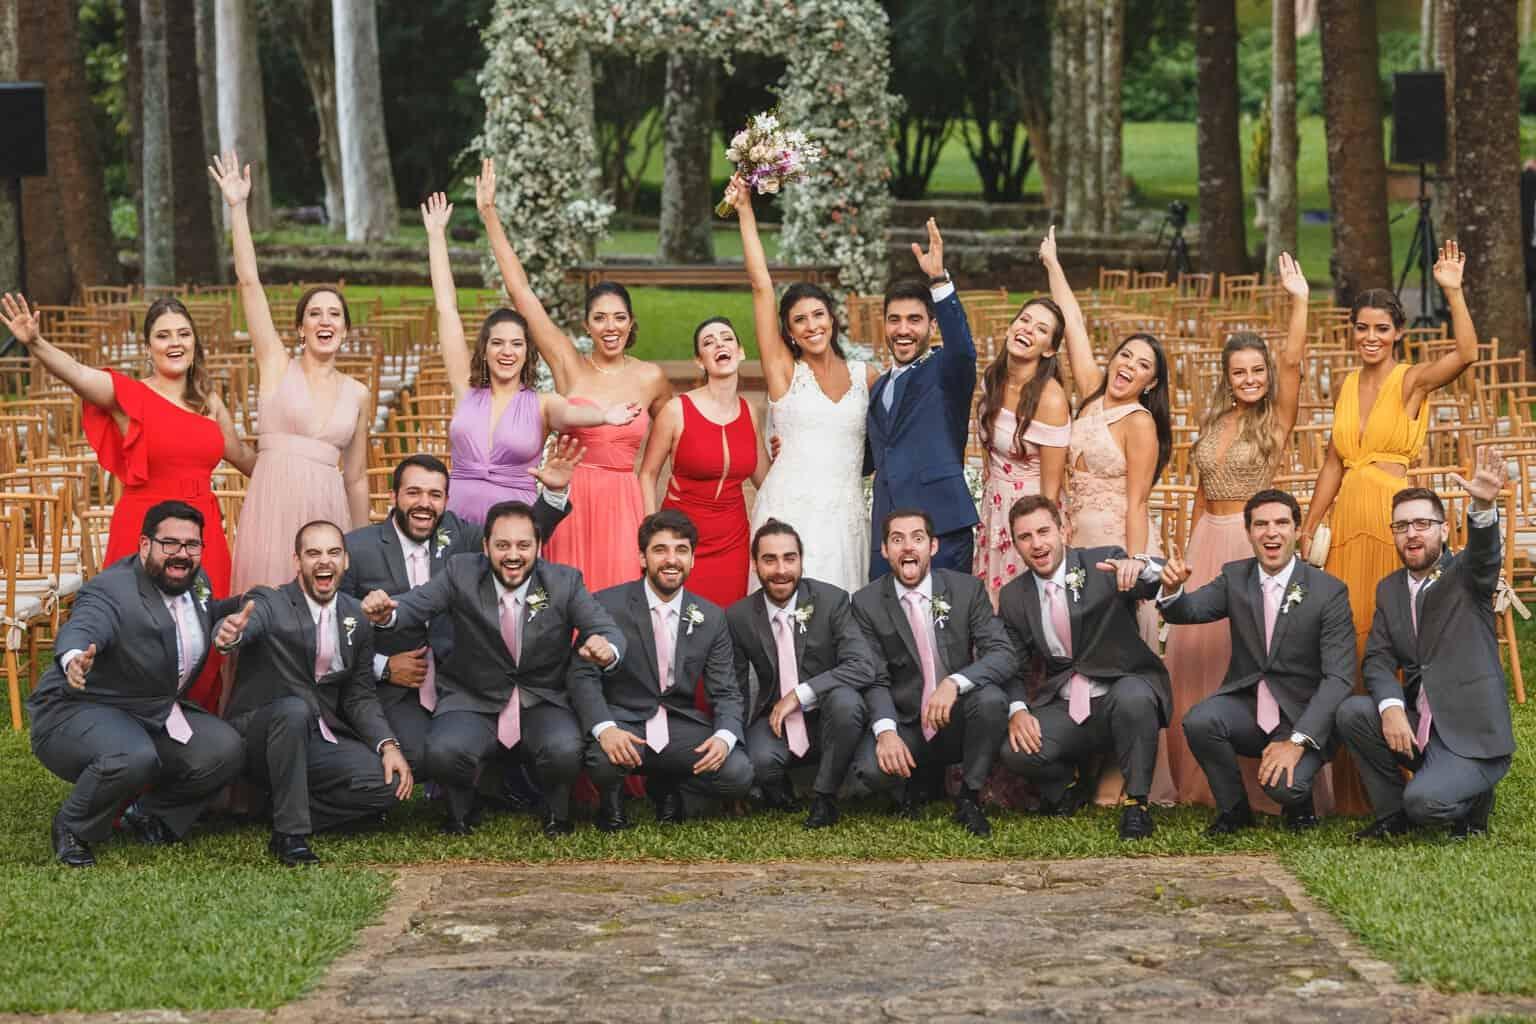 casamento-na-Fazenda-Vila-Rica-cerimonial-Ana-Paula-Tabet-Fotografia-Euka-Weddings-madrinhas-padrinhos-Renata-e-Gabriel104